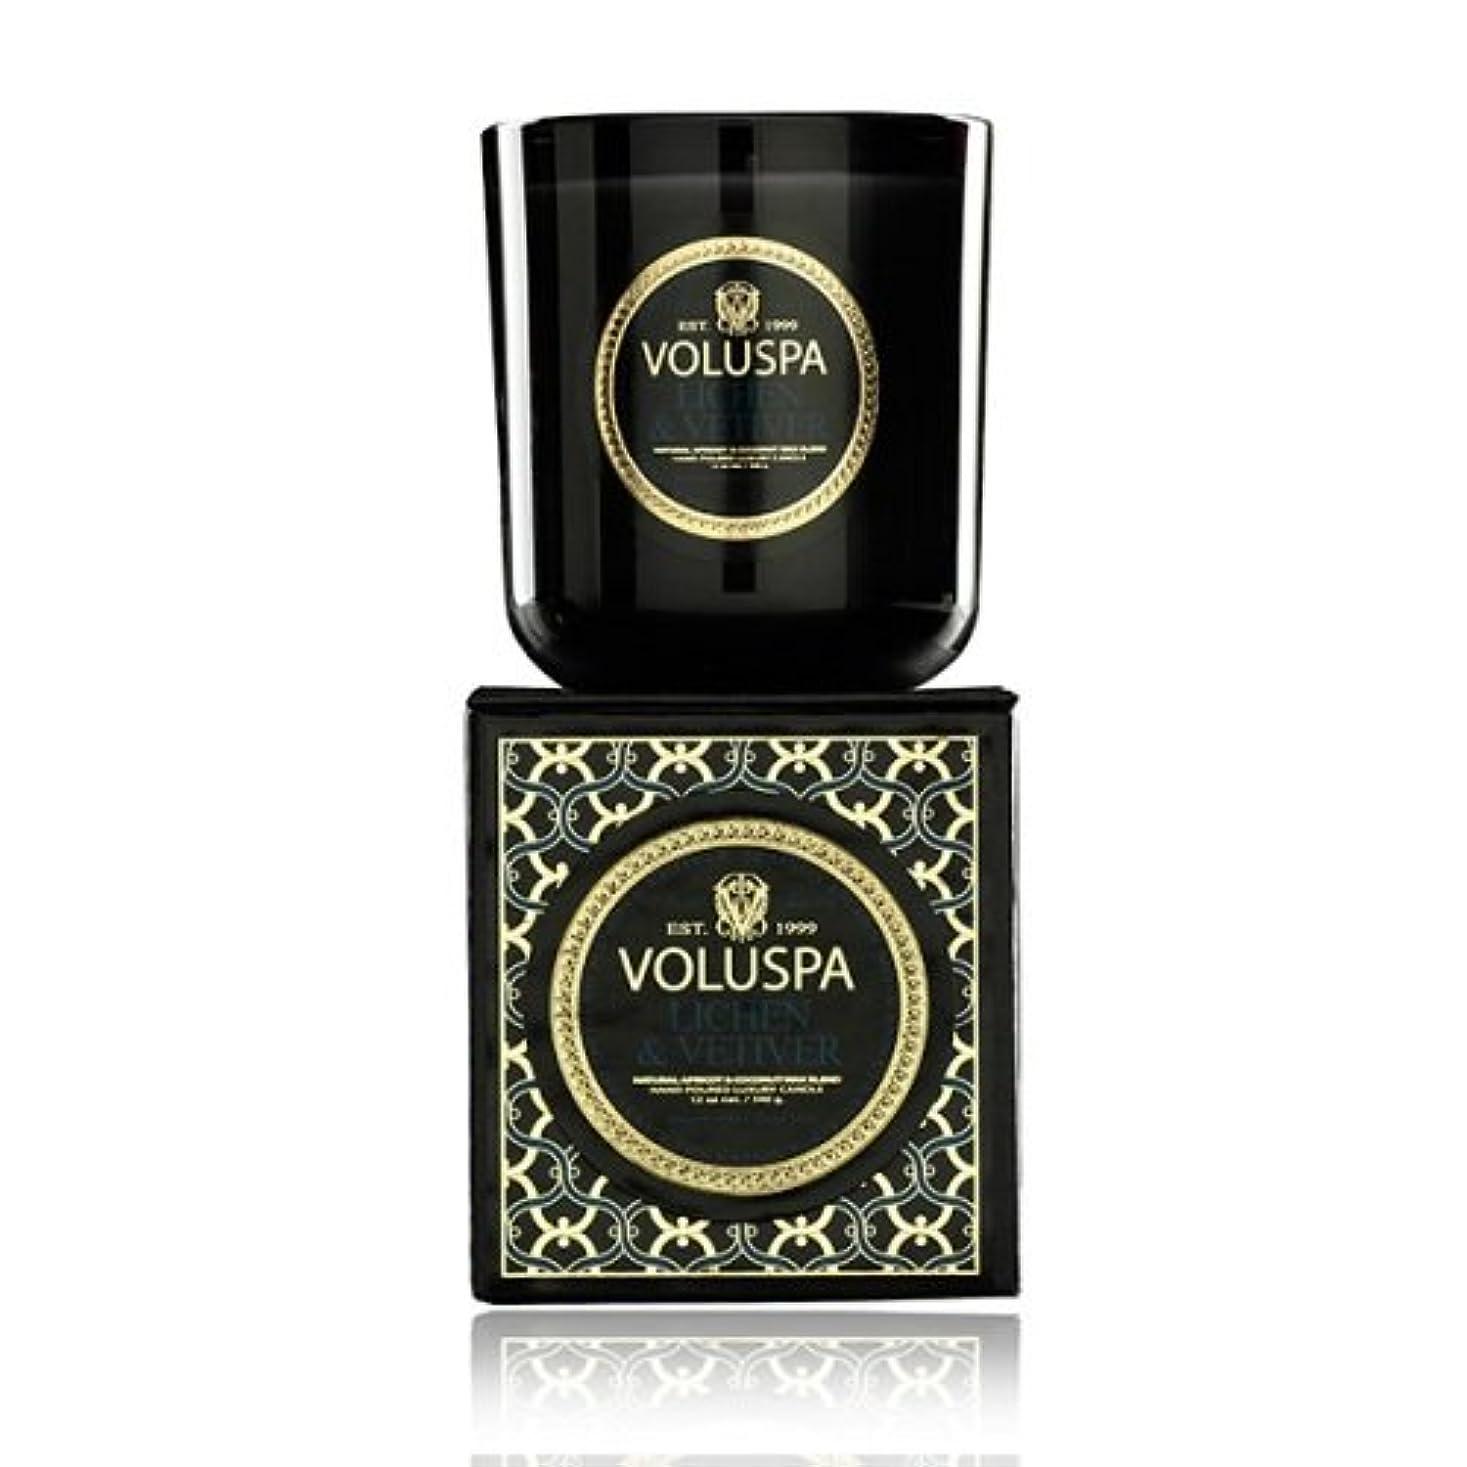 と知恵優越Voluspa ボルスパ メゾンノワール ボックス入りグラスキャンドル ライケン&ベチバー MAISON NOIR Box Glass Candle LICHEN & VETIVER